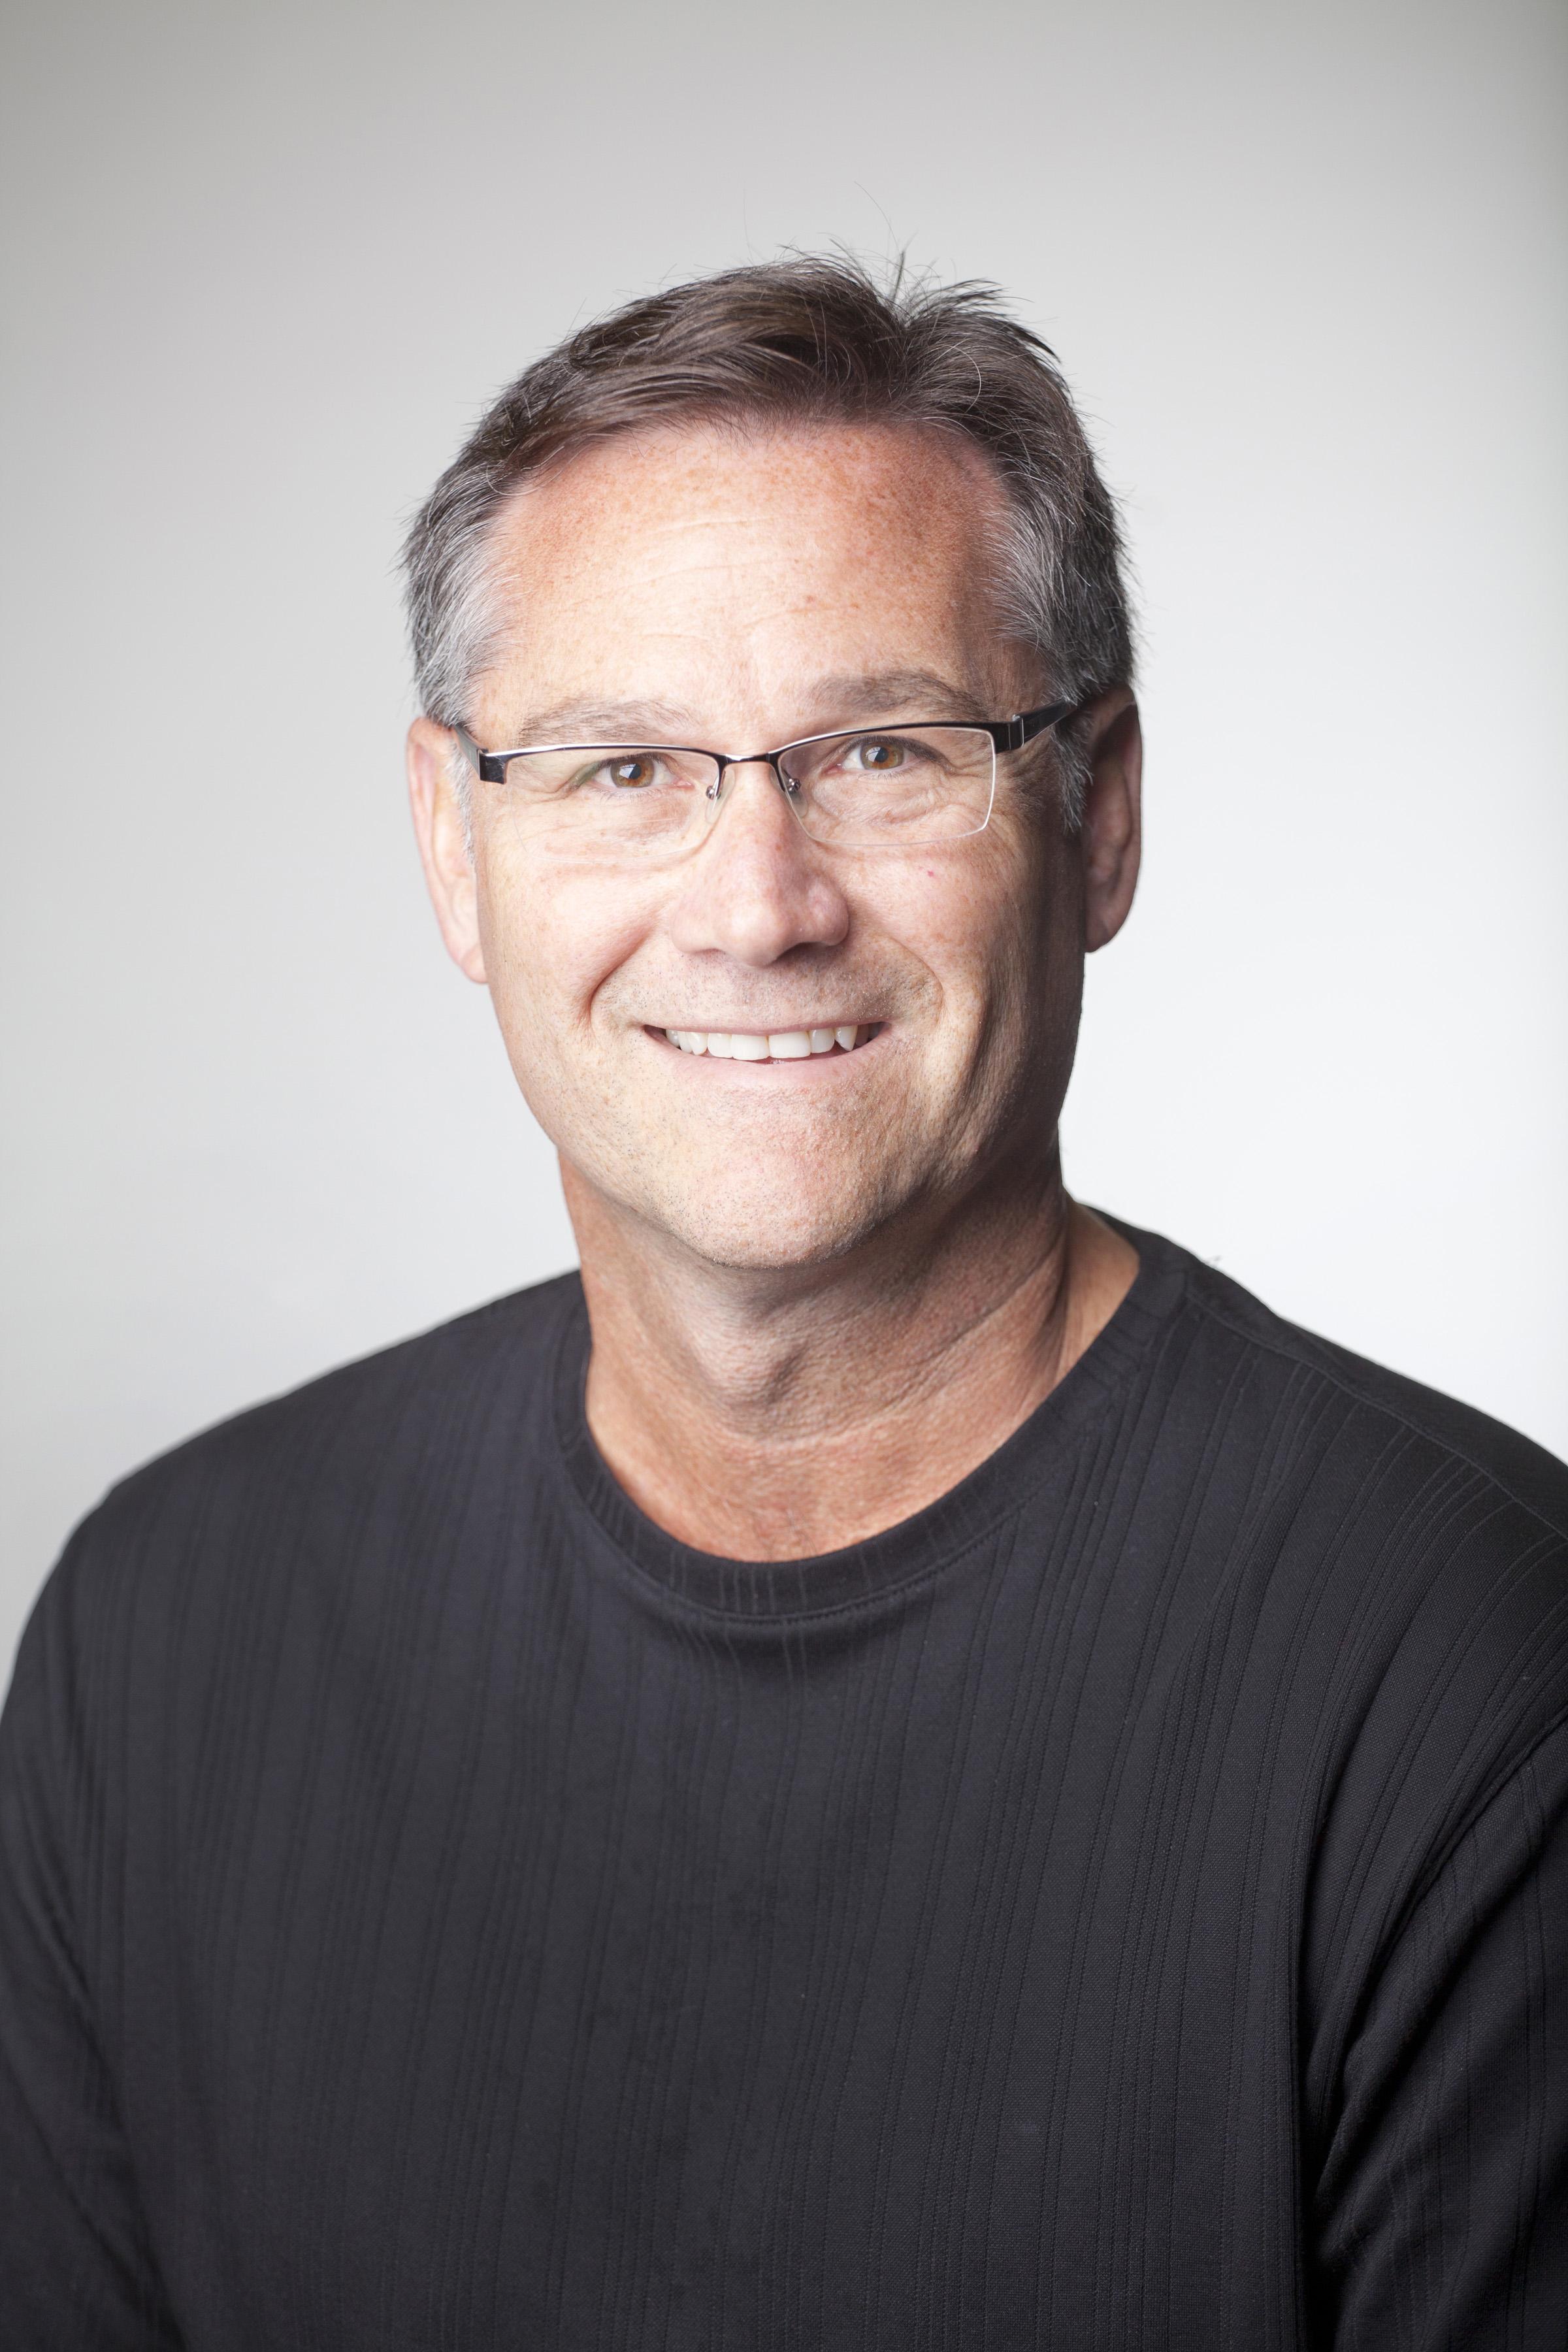 Gene Christian